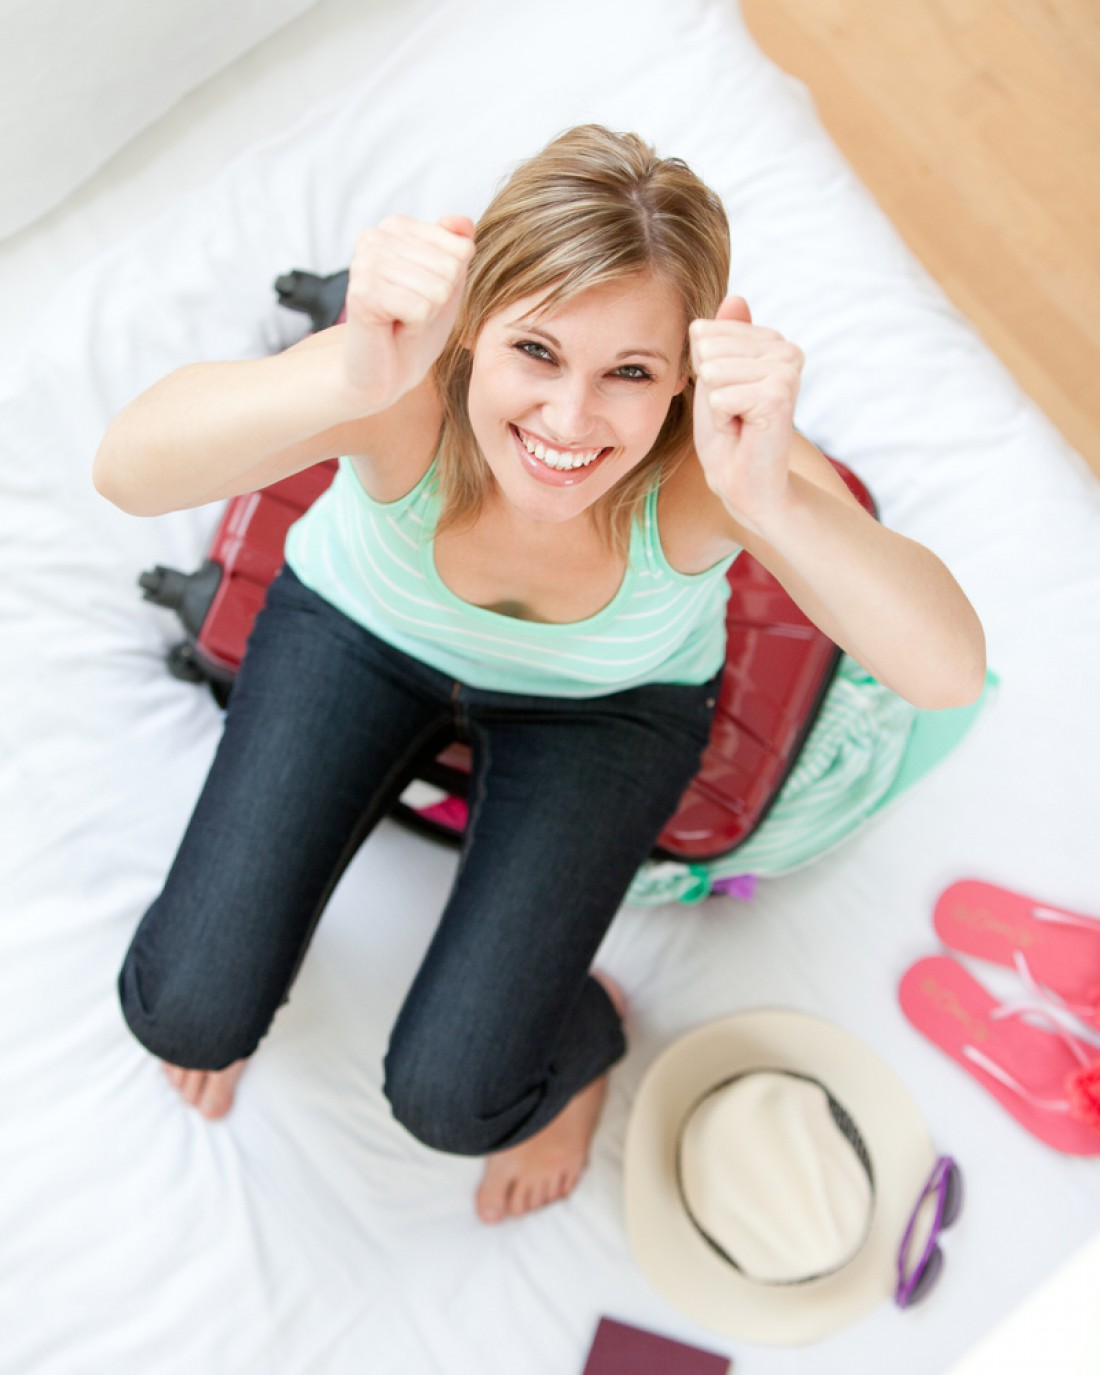 Купи чемодан, чтобы уменьшить нагрузку на ноги